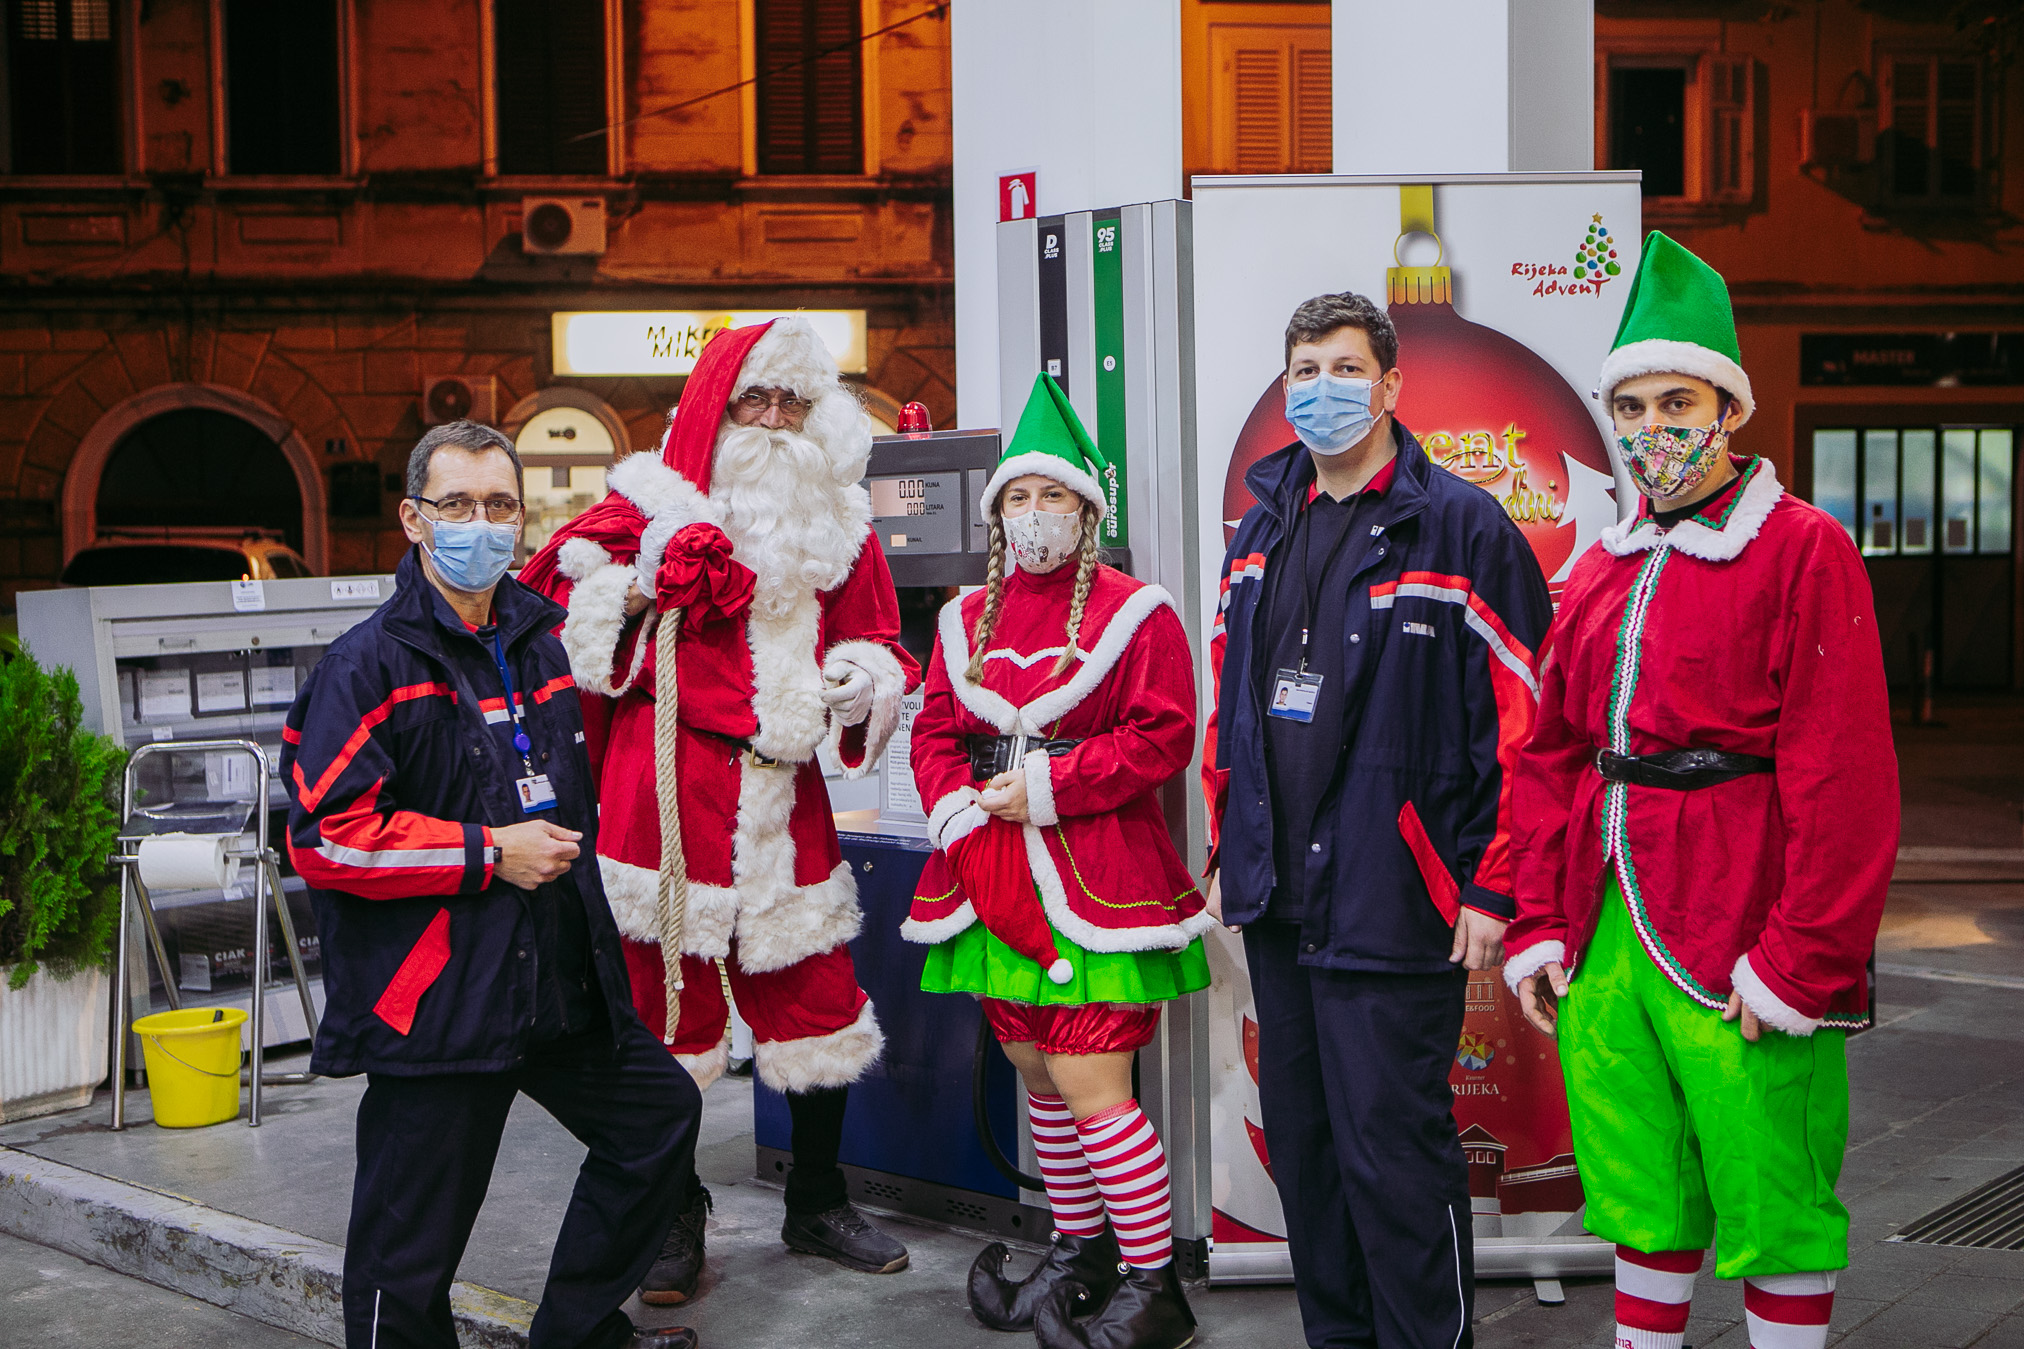 Inina Benzinska Pumpa Ugostila Djeda Mraza I Njegove Vilenjake!